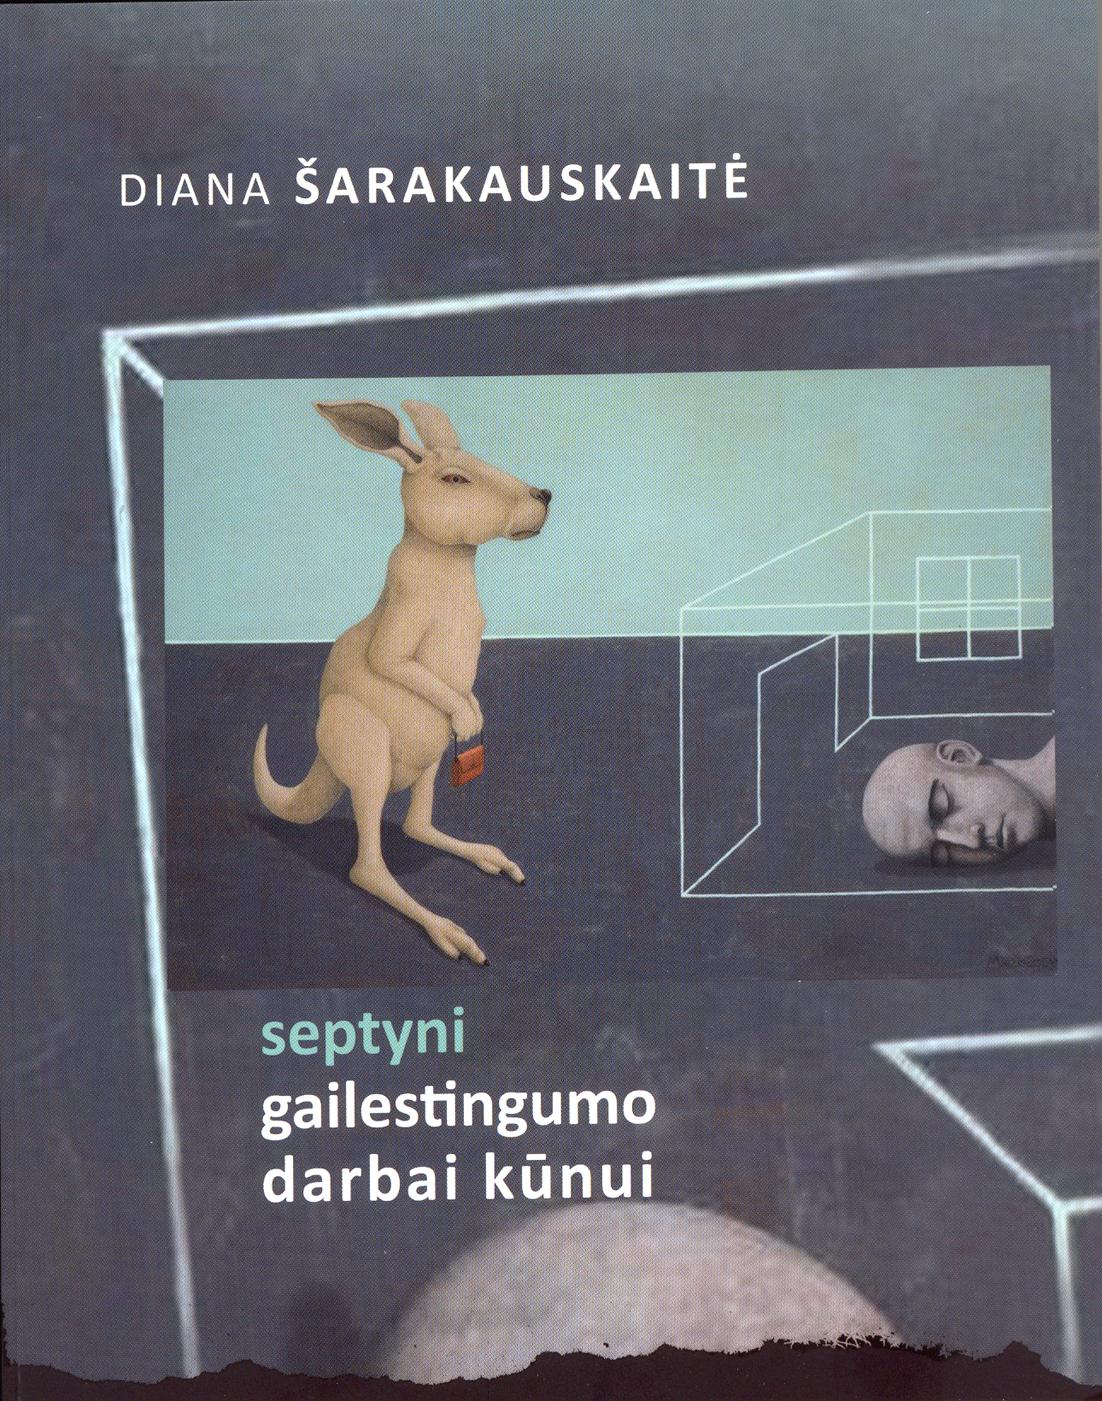 """Diana Šarakauskaitė """"Septyni gailestingumo darbai kūnui"""" (Kaunas: Kauko laiptai, 2013)"""